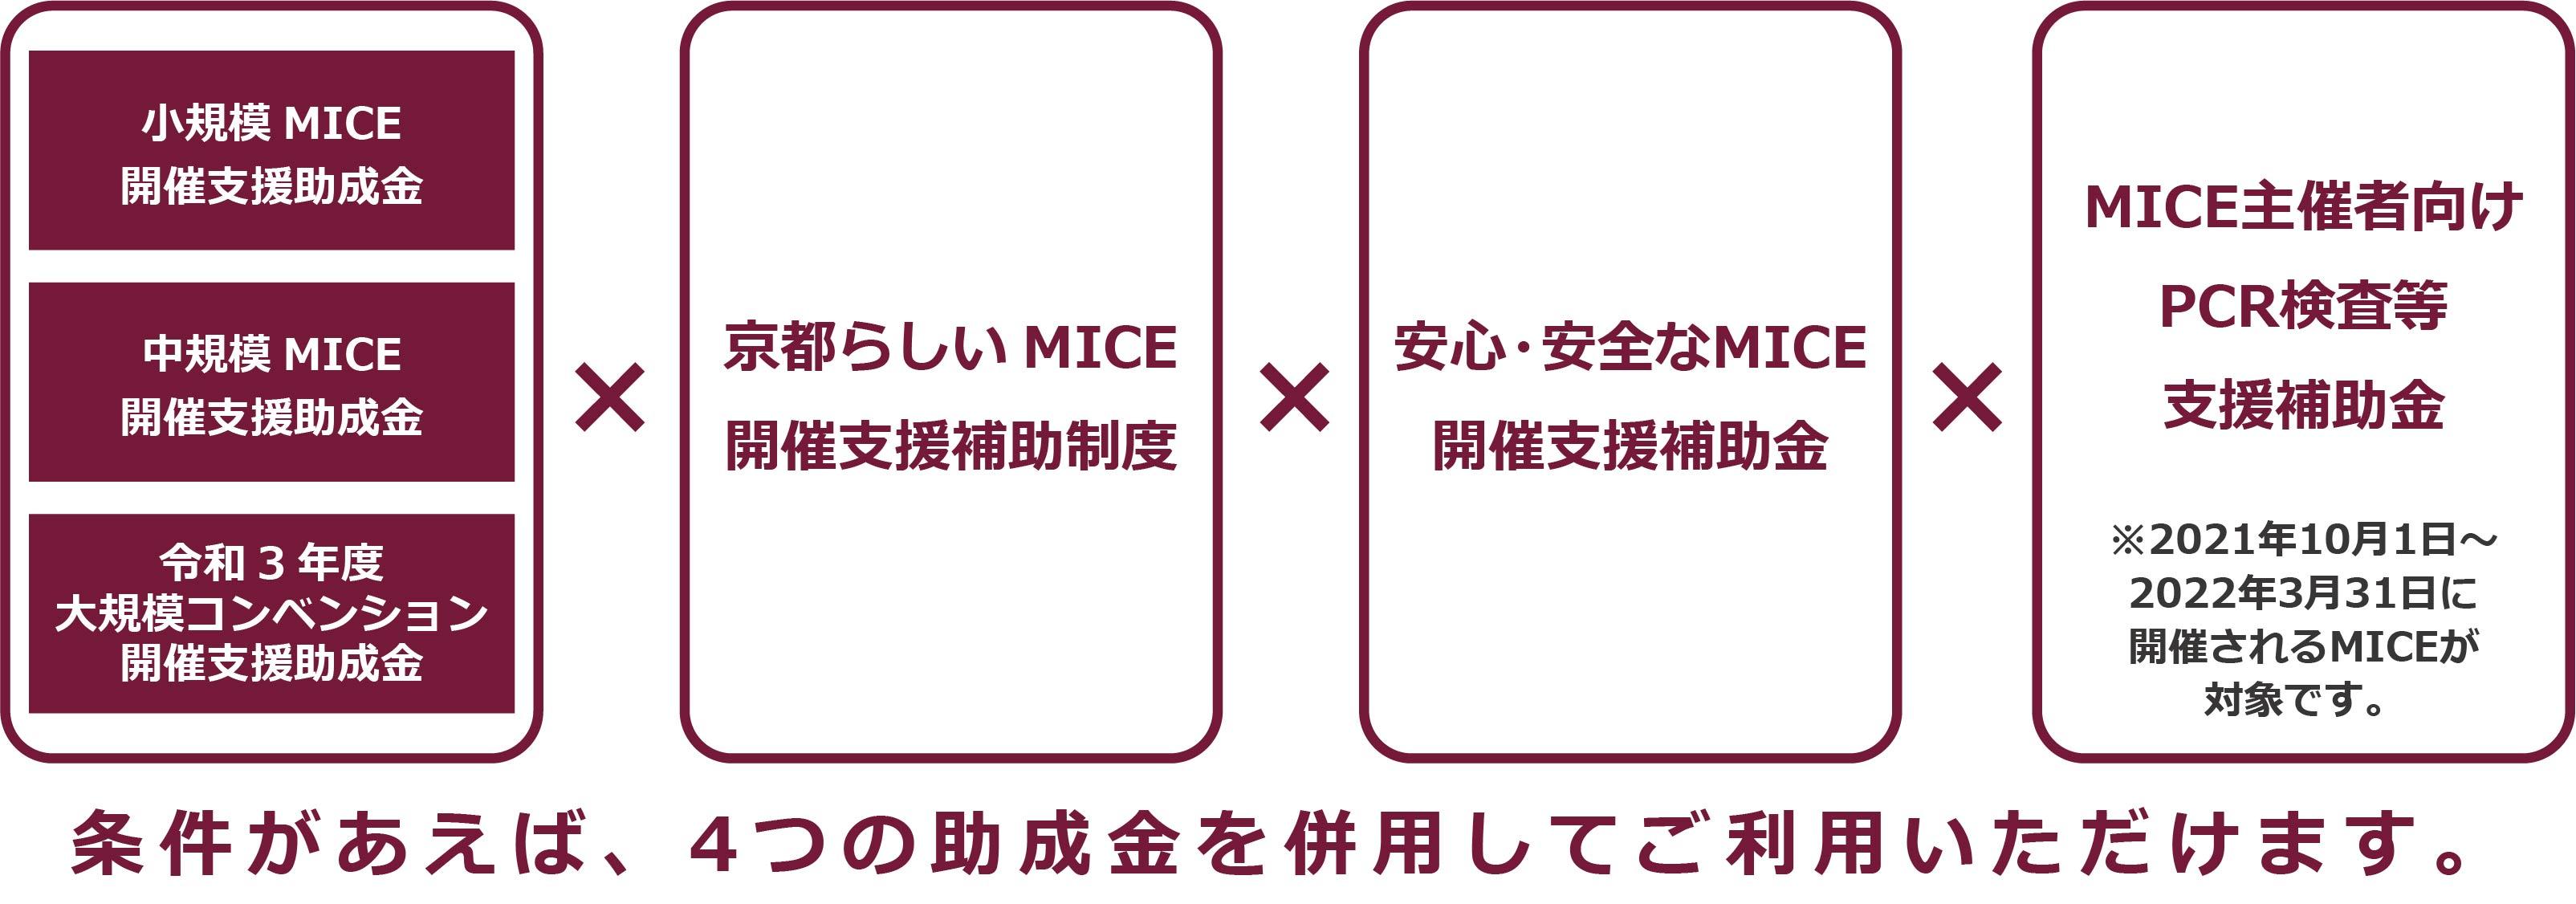 京都市の開催支援助成金